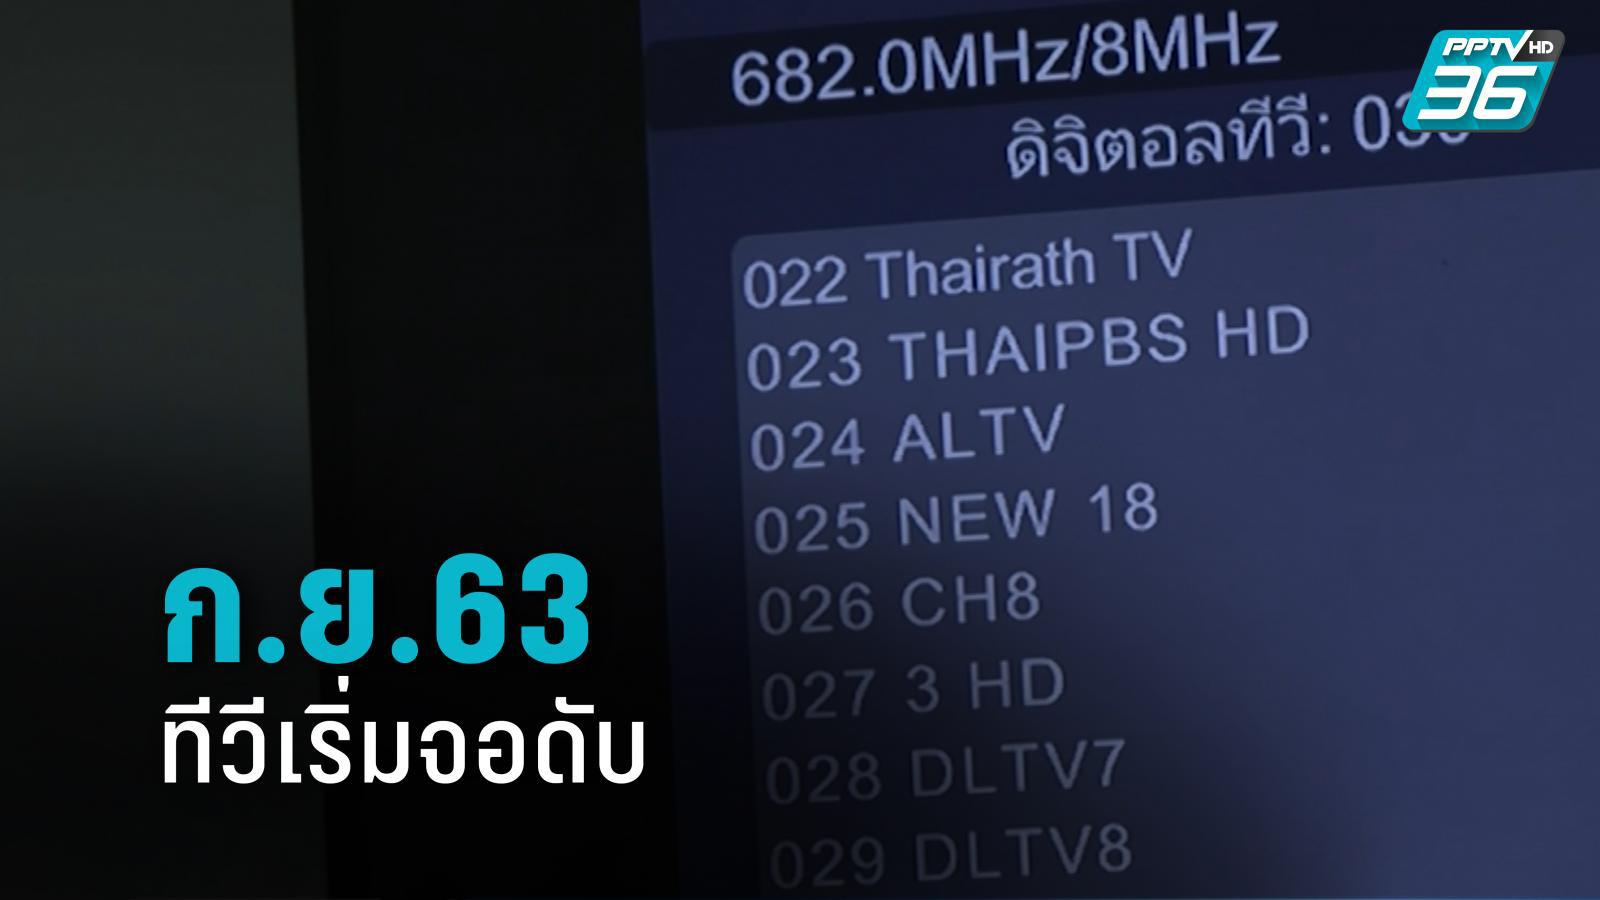 ก.ย.63 ทีวีเริ่มจอดับ ต้องปรับจูนคลื่นทีวีดิจิทัลใหม่